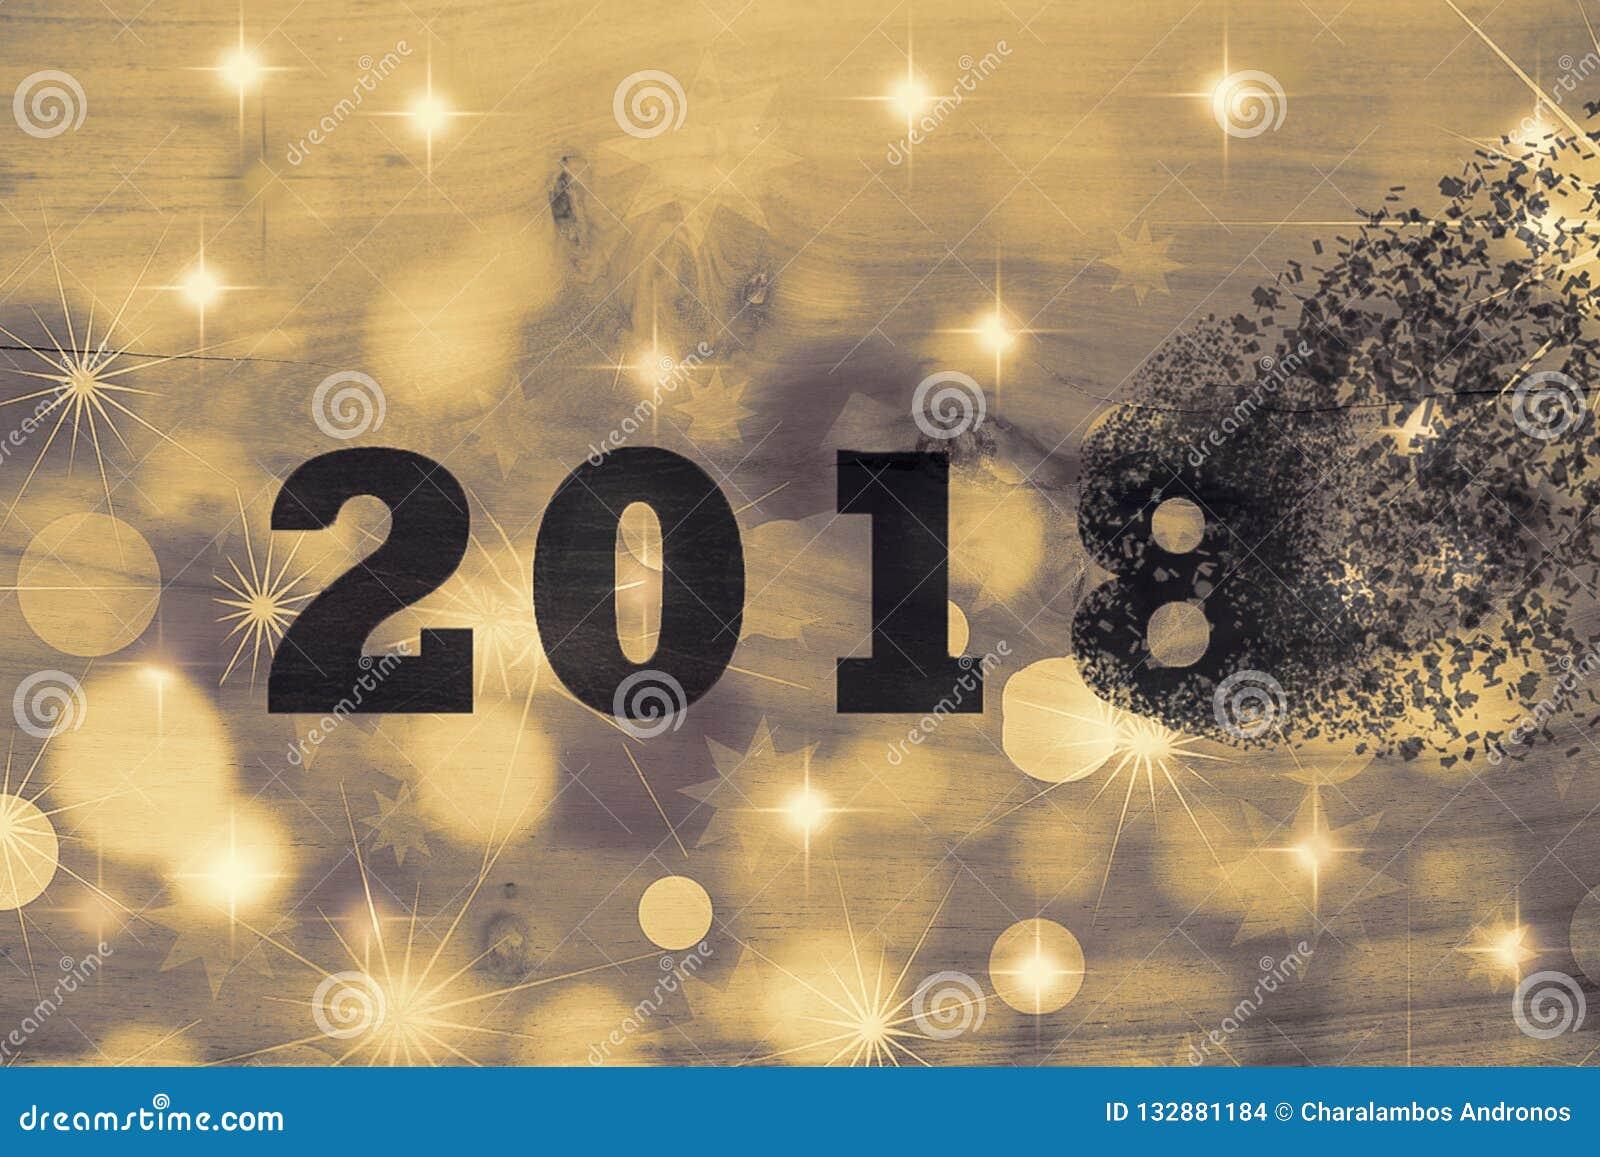 2018 проходит прочь для того чтобы приветствовать Новый Год 2019 2018 ломает в части рассредоточенное действие